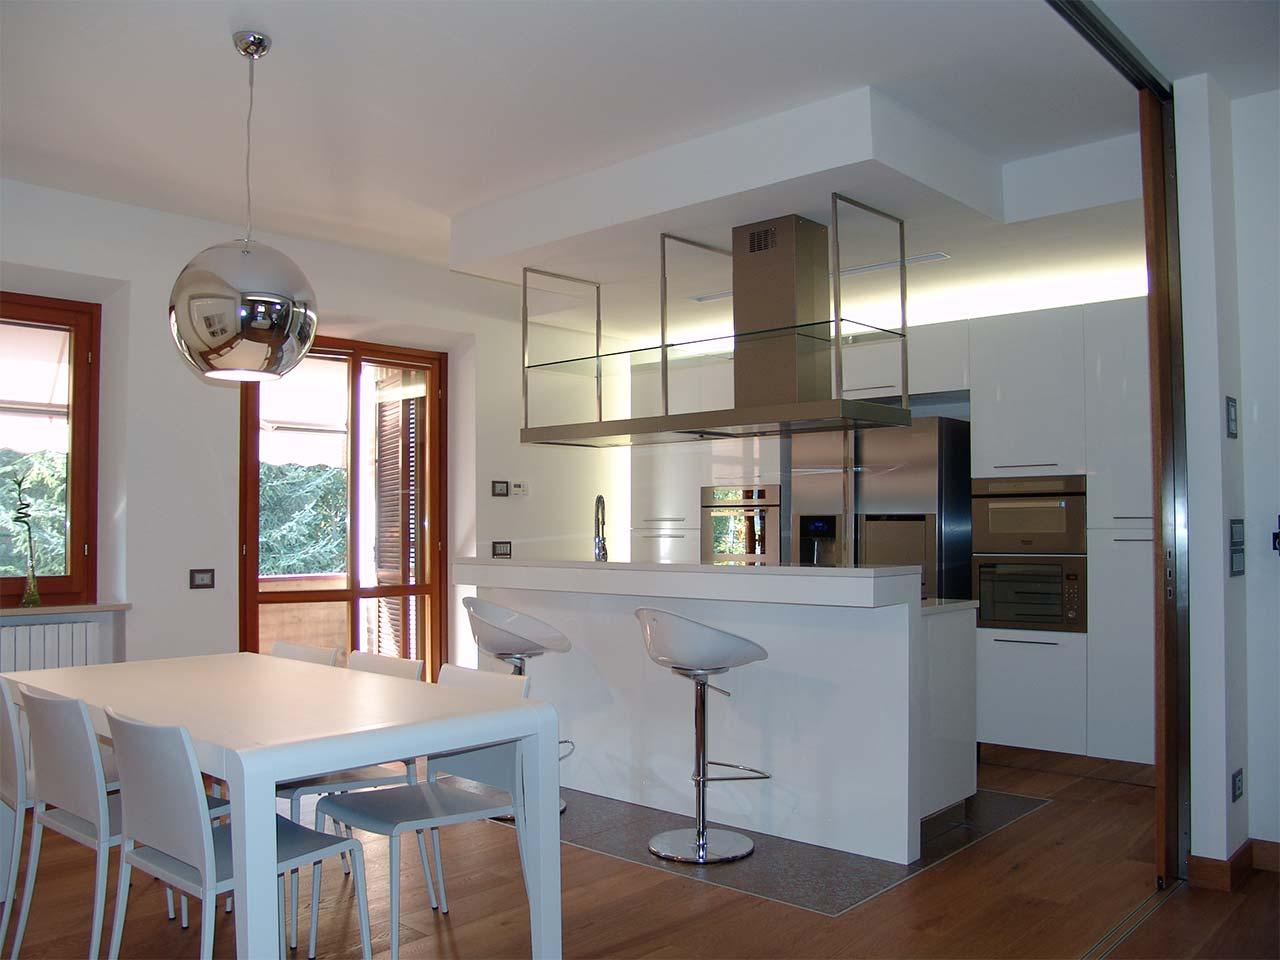 Cucina 003 for Cucina soggiorno 15 mq